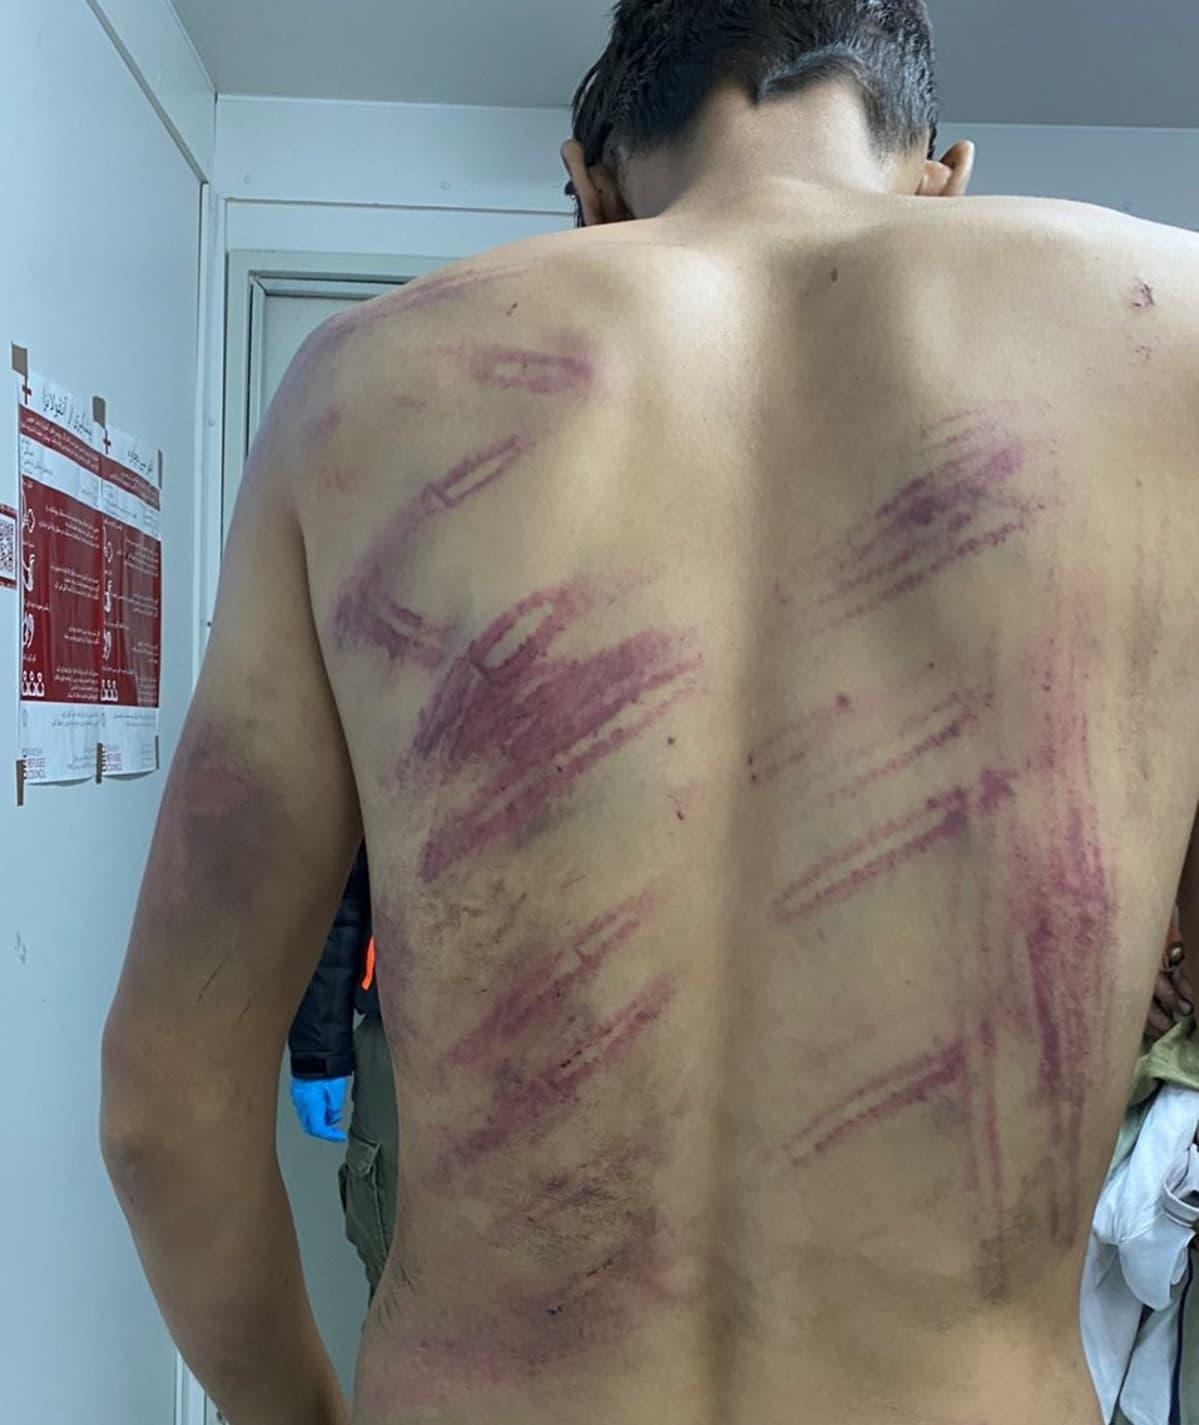 DRC:n haastattelema afganistanilaismies kertoi poliisin lyöneen häntä ja pakottaneen hänet ja seitsemän muuta miestä makaamaan toistensa päälle. [TOM TÄSSÄ SUN ALKUP KUVATEKSTI: Tanskan pakolaisneuvoston lokakuussa 2020 haastattelema afganistanilaismies kertoi poliisin lyöneen ja pakottaneen kahdeksan hengen ryhmän jäseniä makaamaan toistensa päälle.]